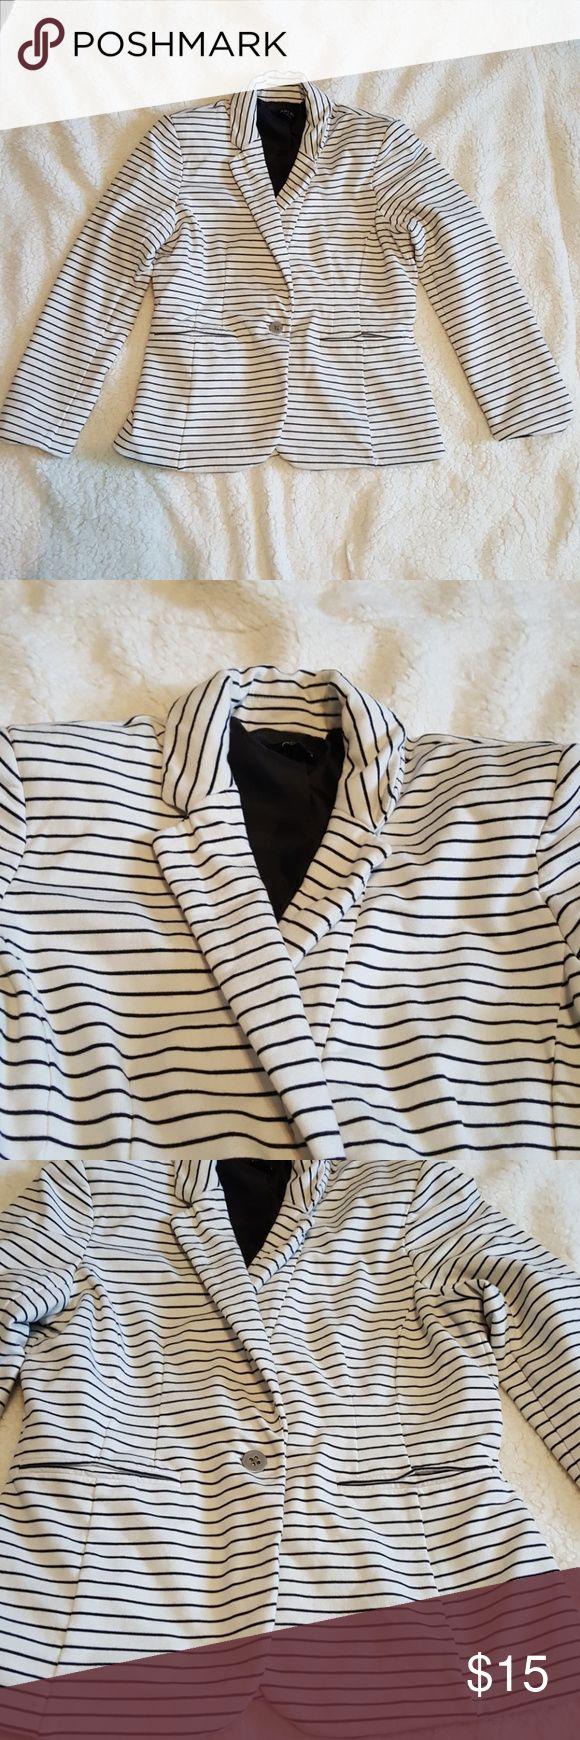 25+ best ideas about Cotton blazer on Pinterest | Modern man ...